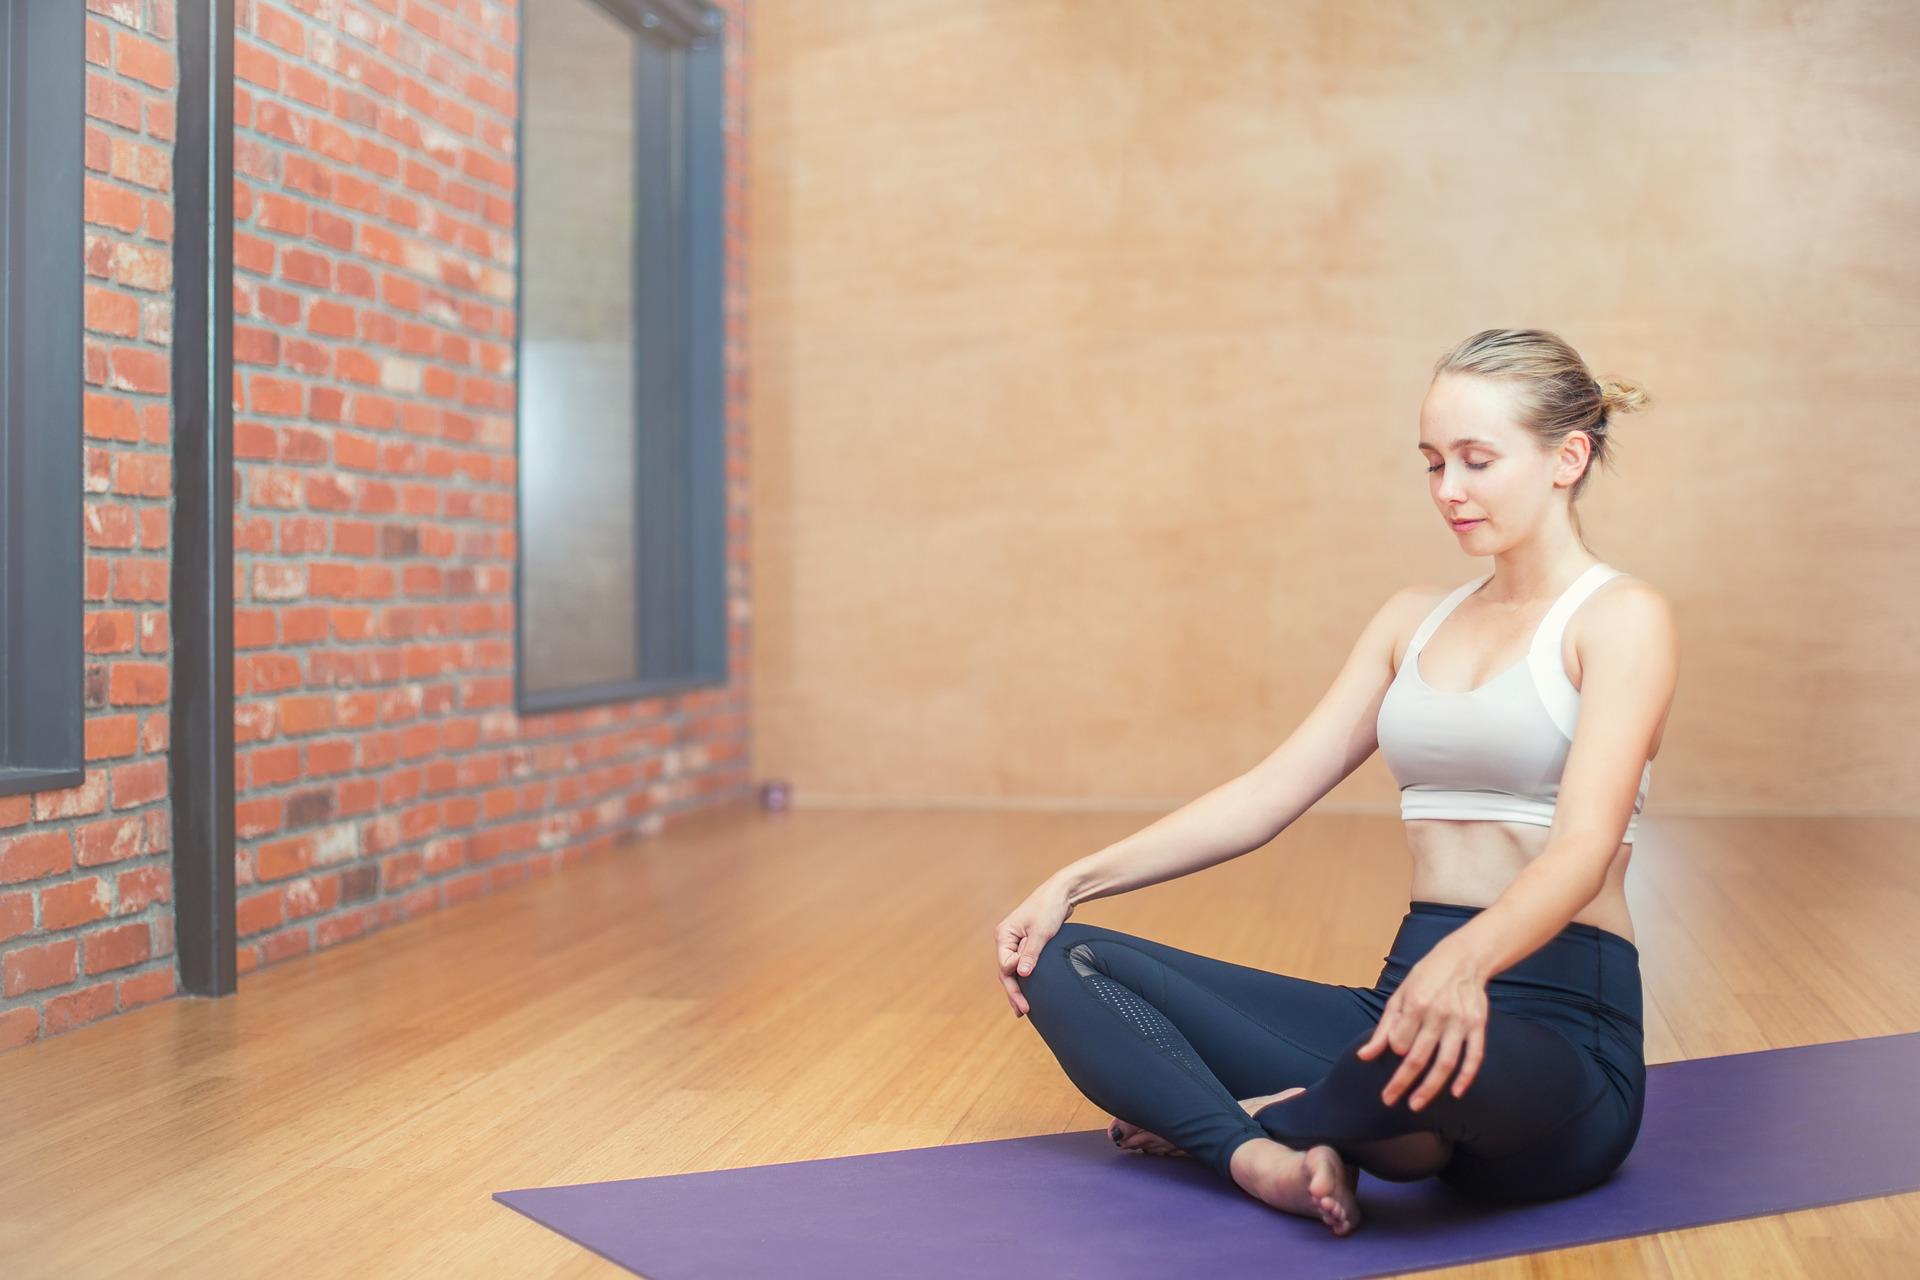 Vienkāršas jogas metodes ikdienai. Elpošana